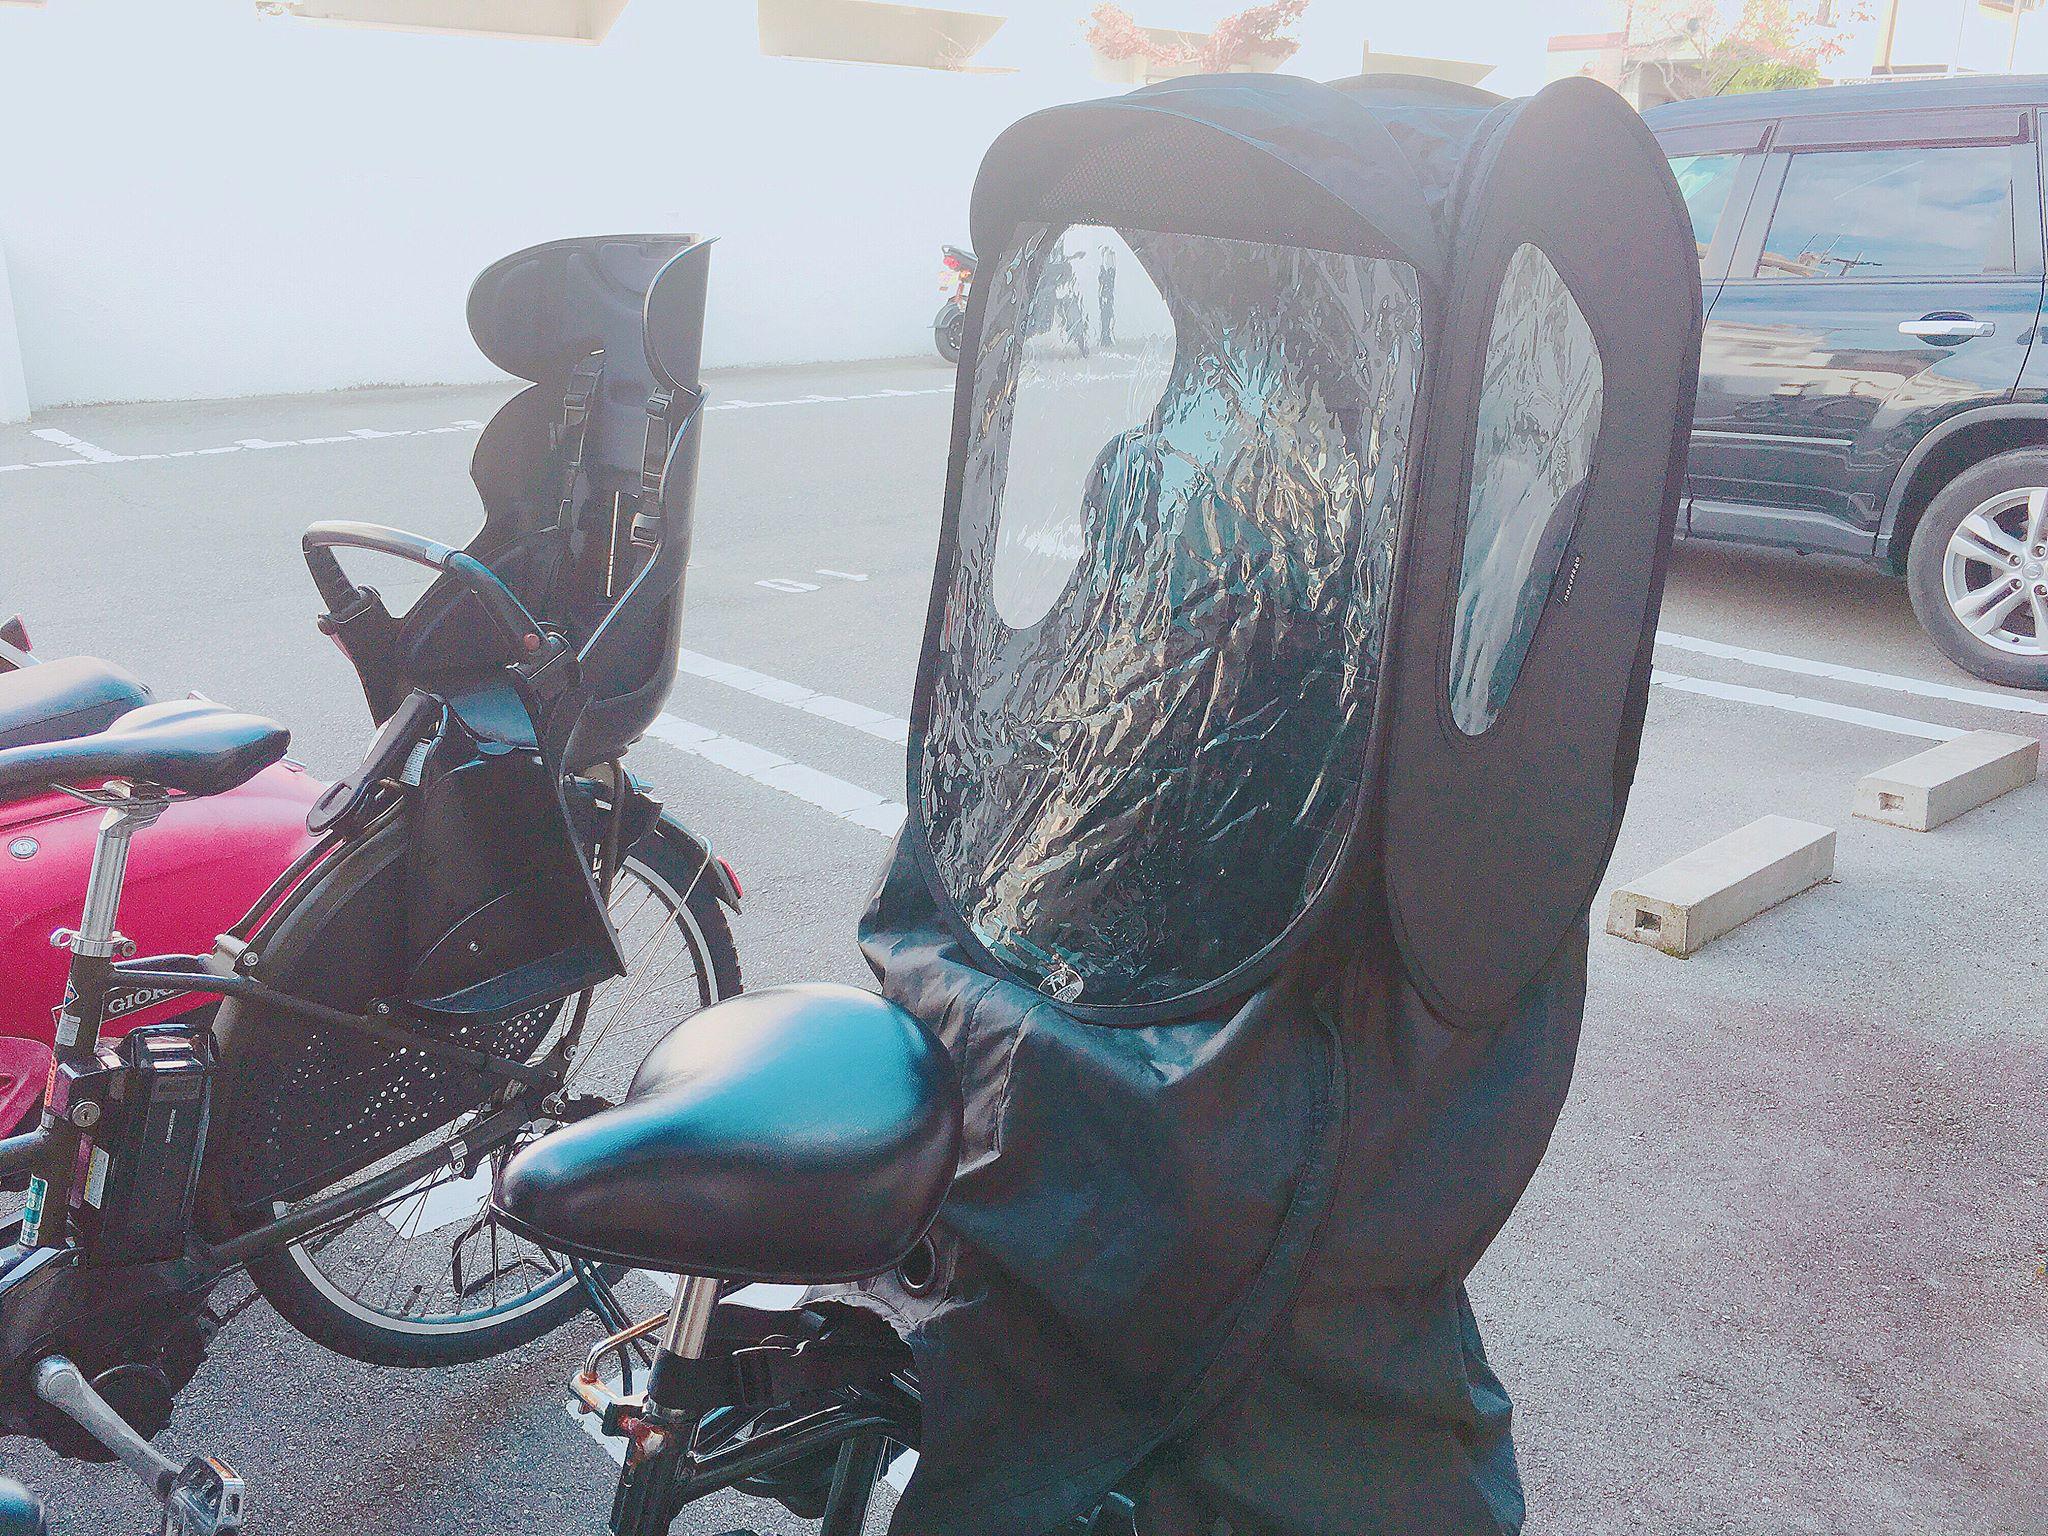 【3歳】自転車のチャイルドシートを前から後ろにチェンジ!ついでにカバーも購入したよ。